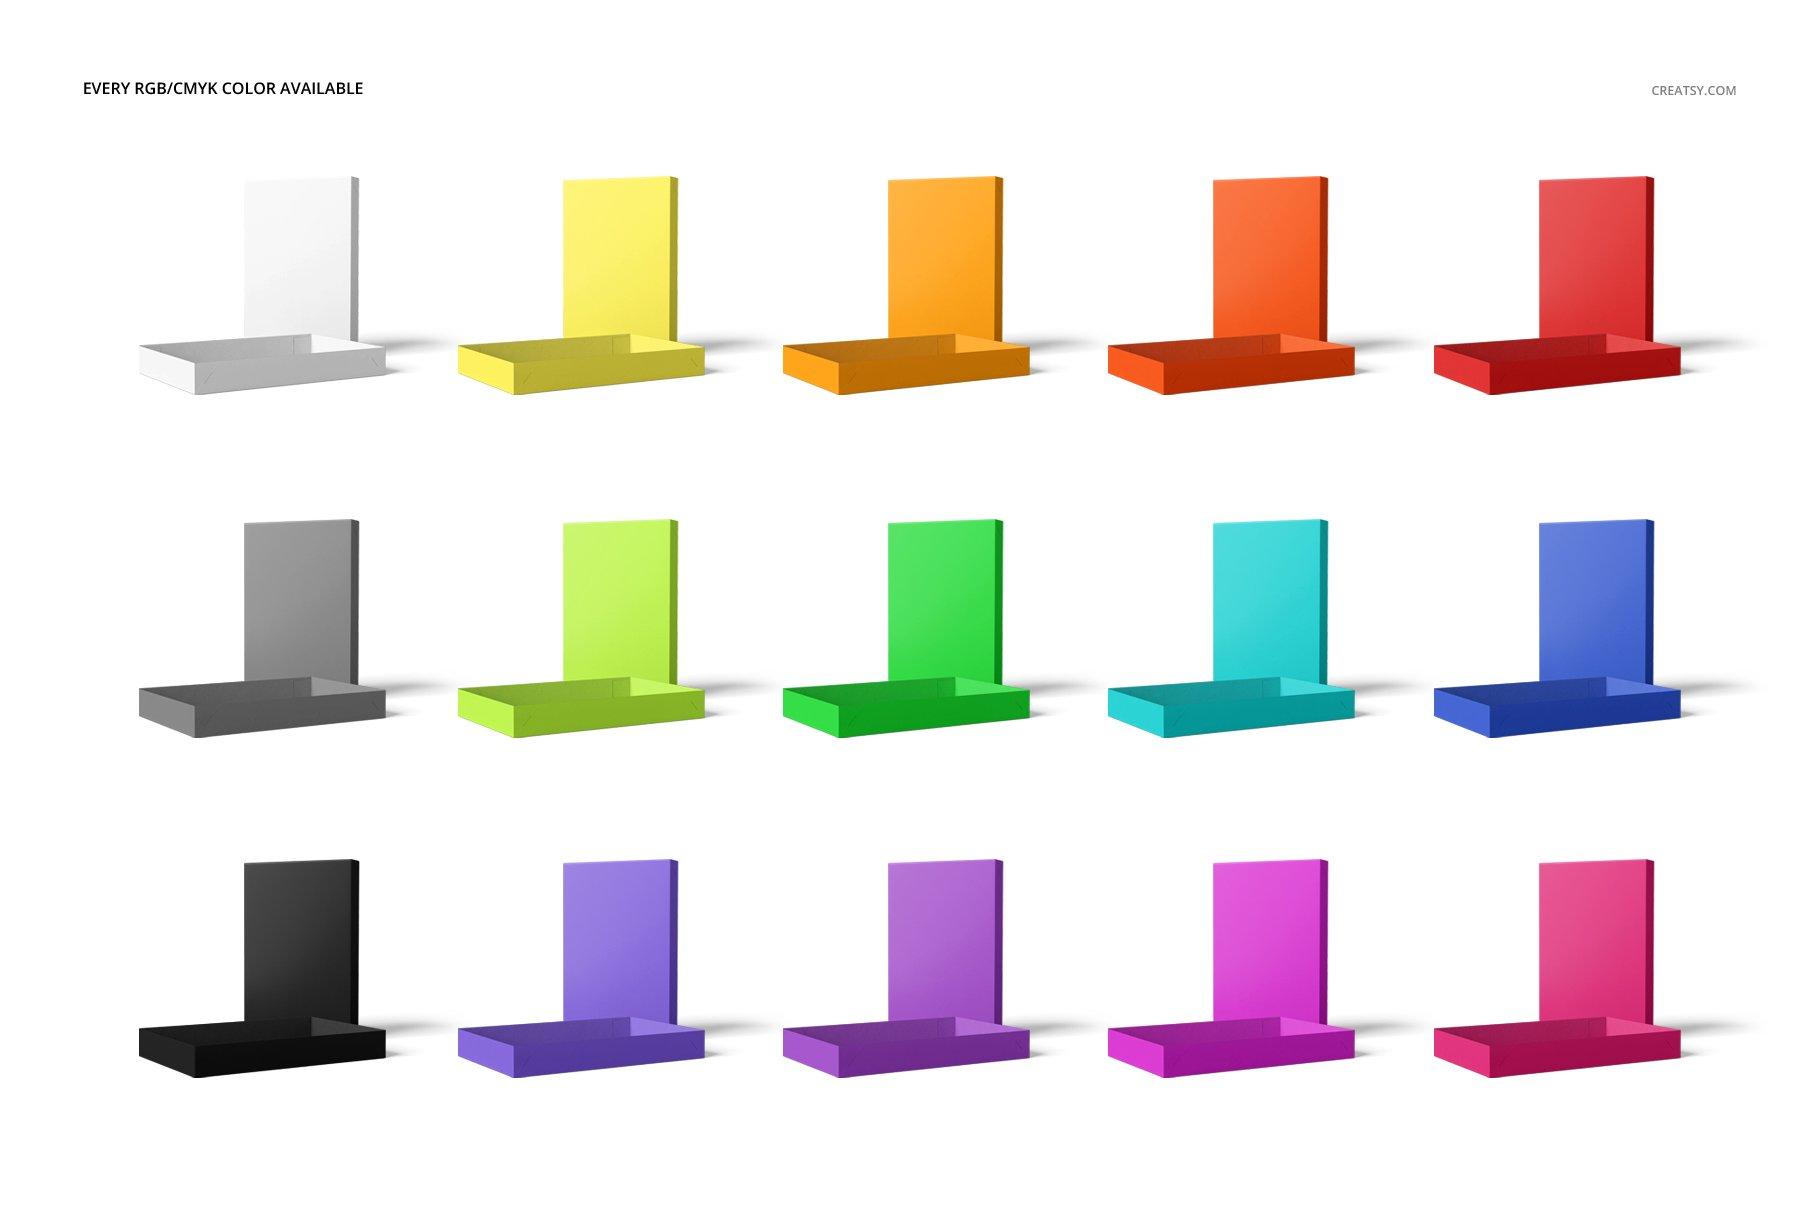 现代时尚服装纸盒设计展示贴图样机模板合集 2-Piece Apparel Box Mockup Set插图(2)